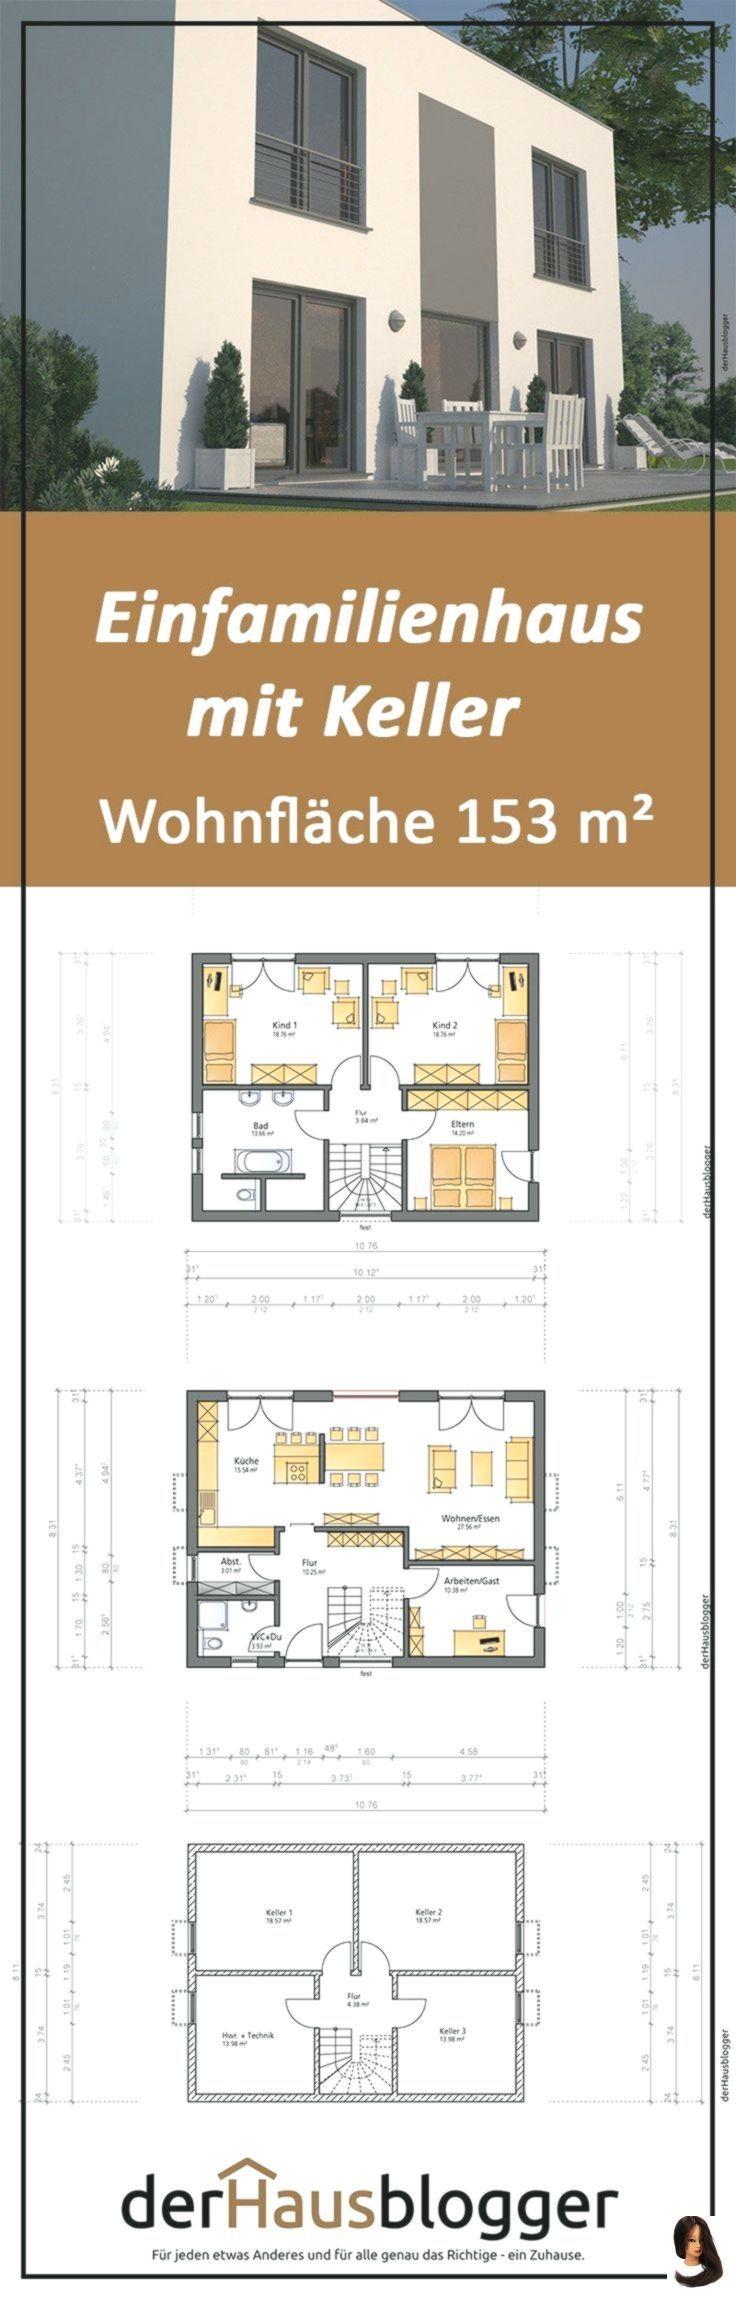 Für den Bau dieses gut 153 m² großen Einfamilienhauses im Bauhausstil hat ei …